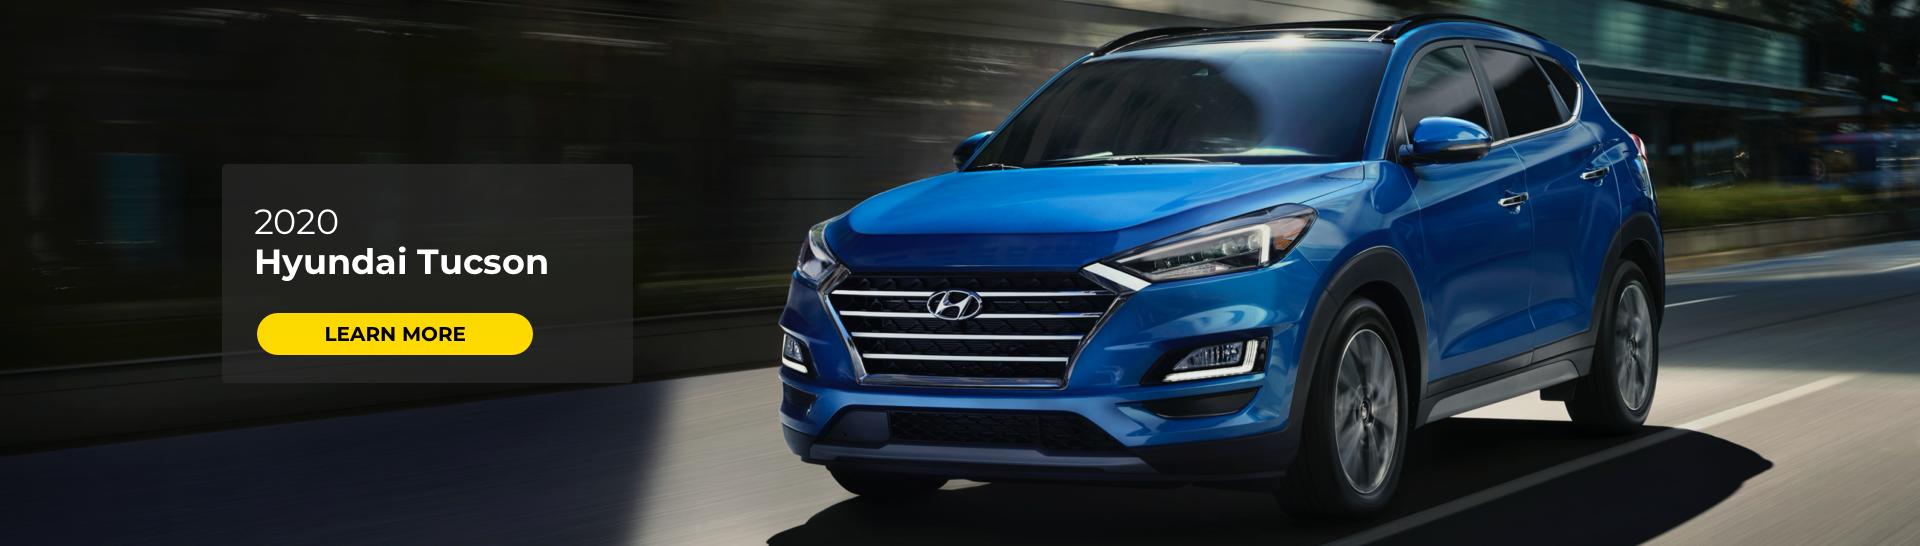 2020 Hyundai TucsonV2